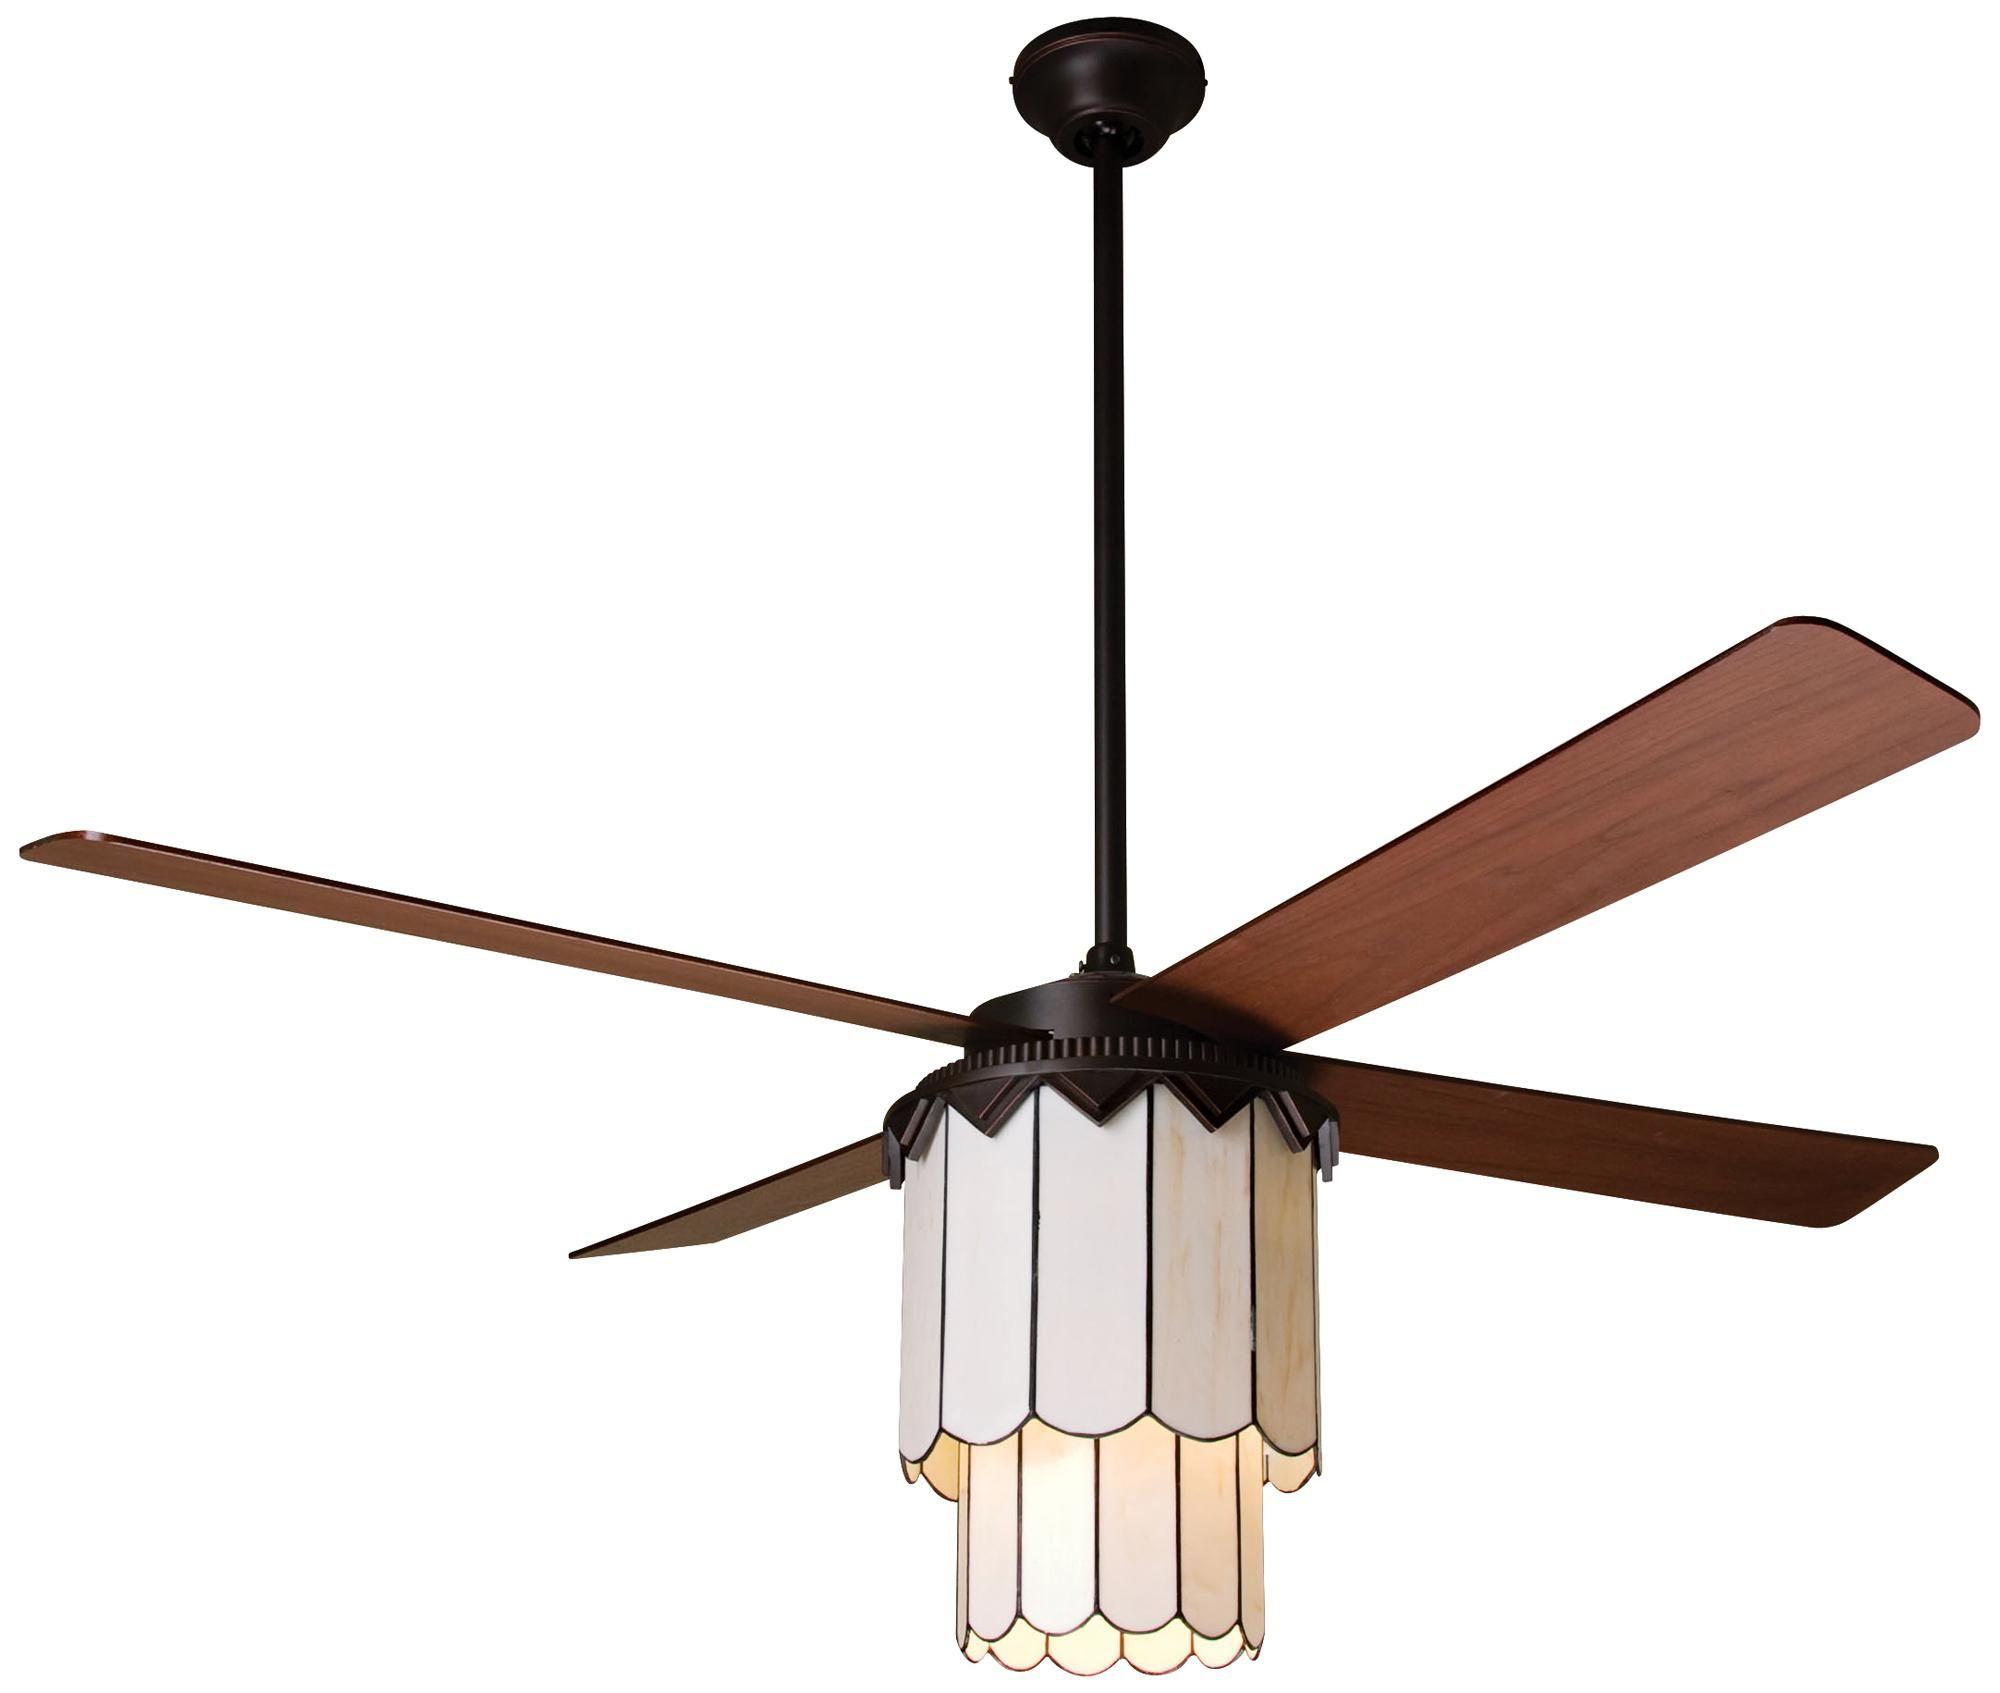 52 period arts paris bronze with light kit ceiling fan lampsplus com